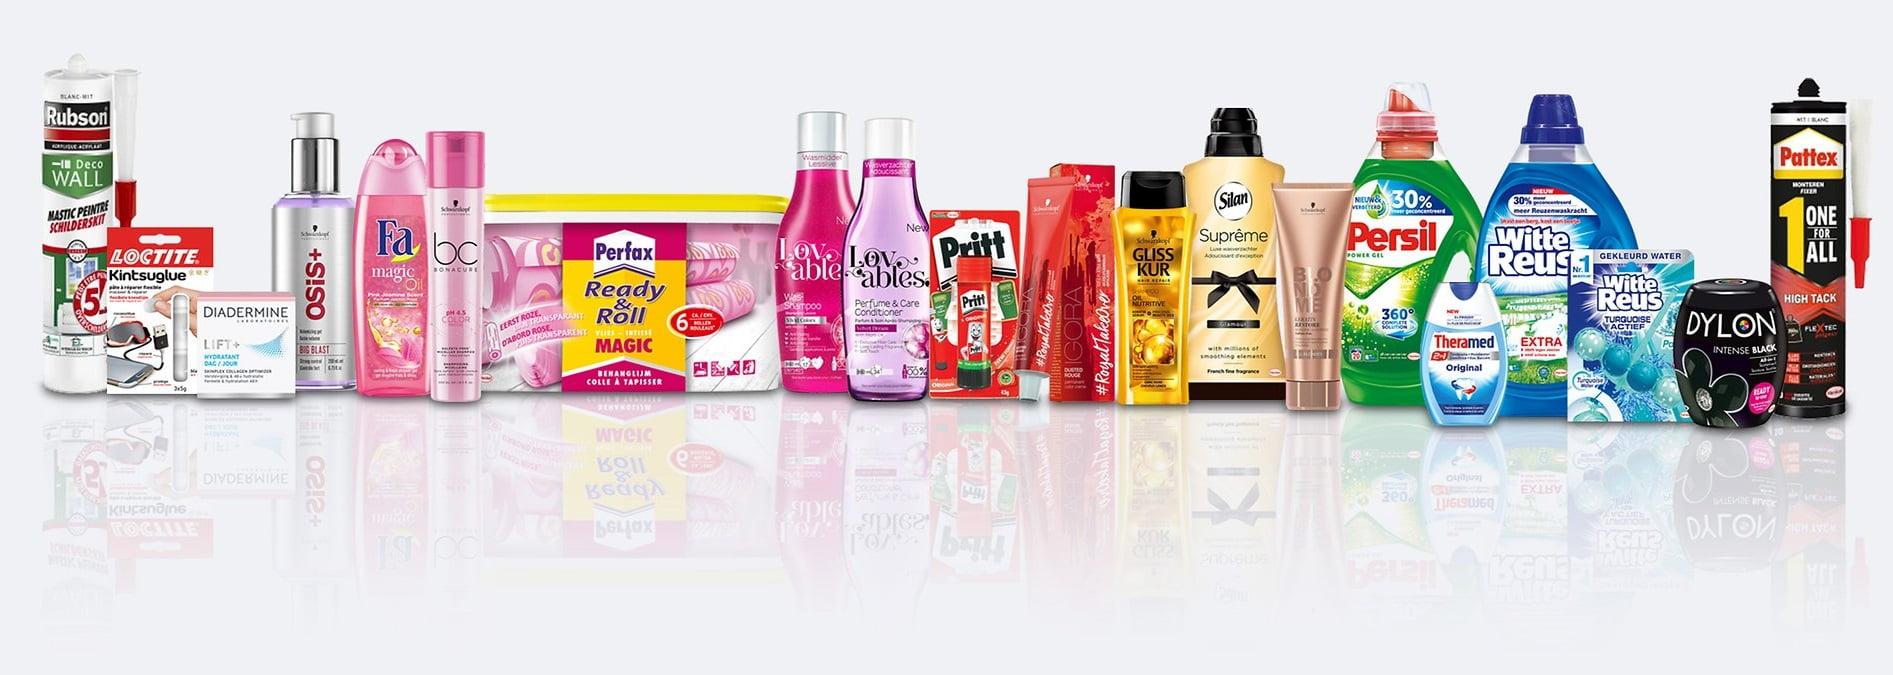 Een selectie van merken van Henkel uitgestald